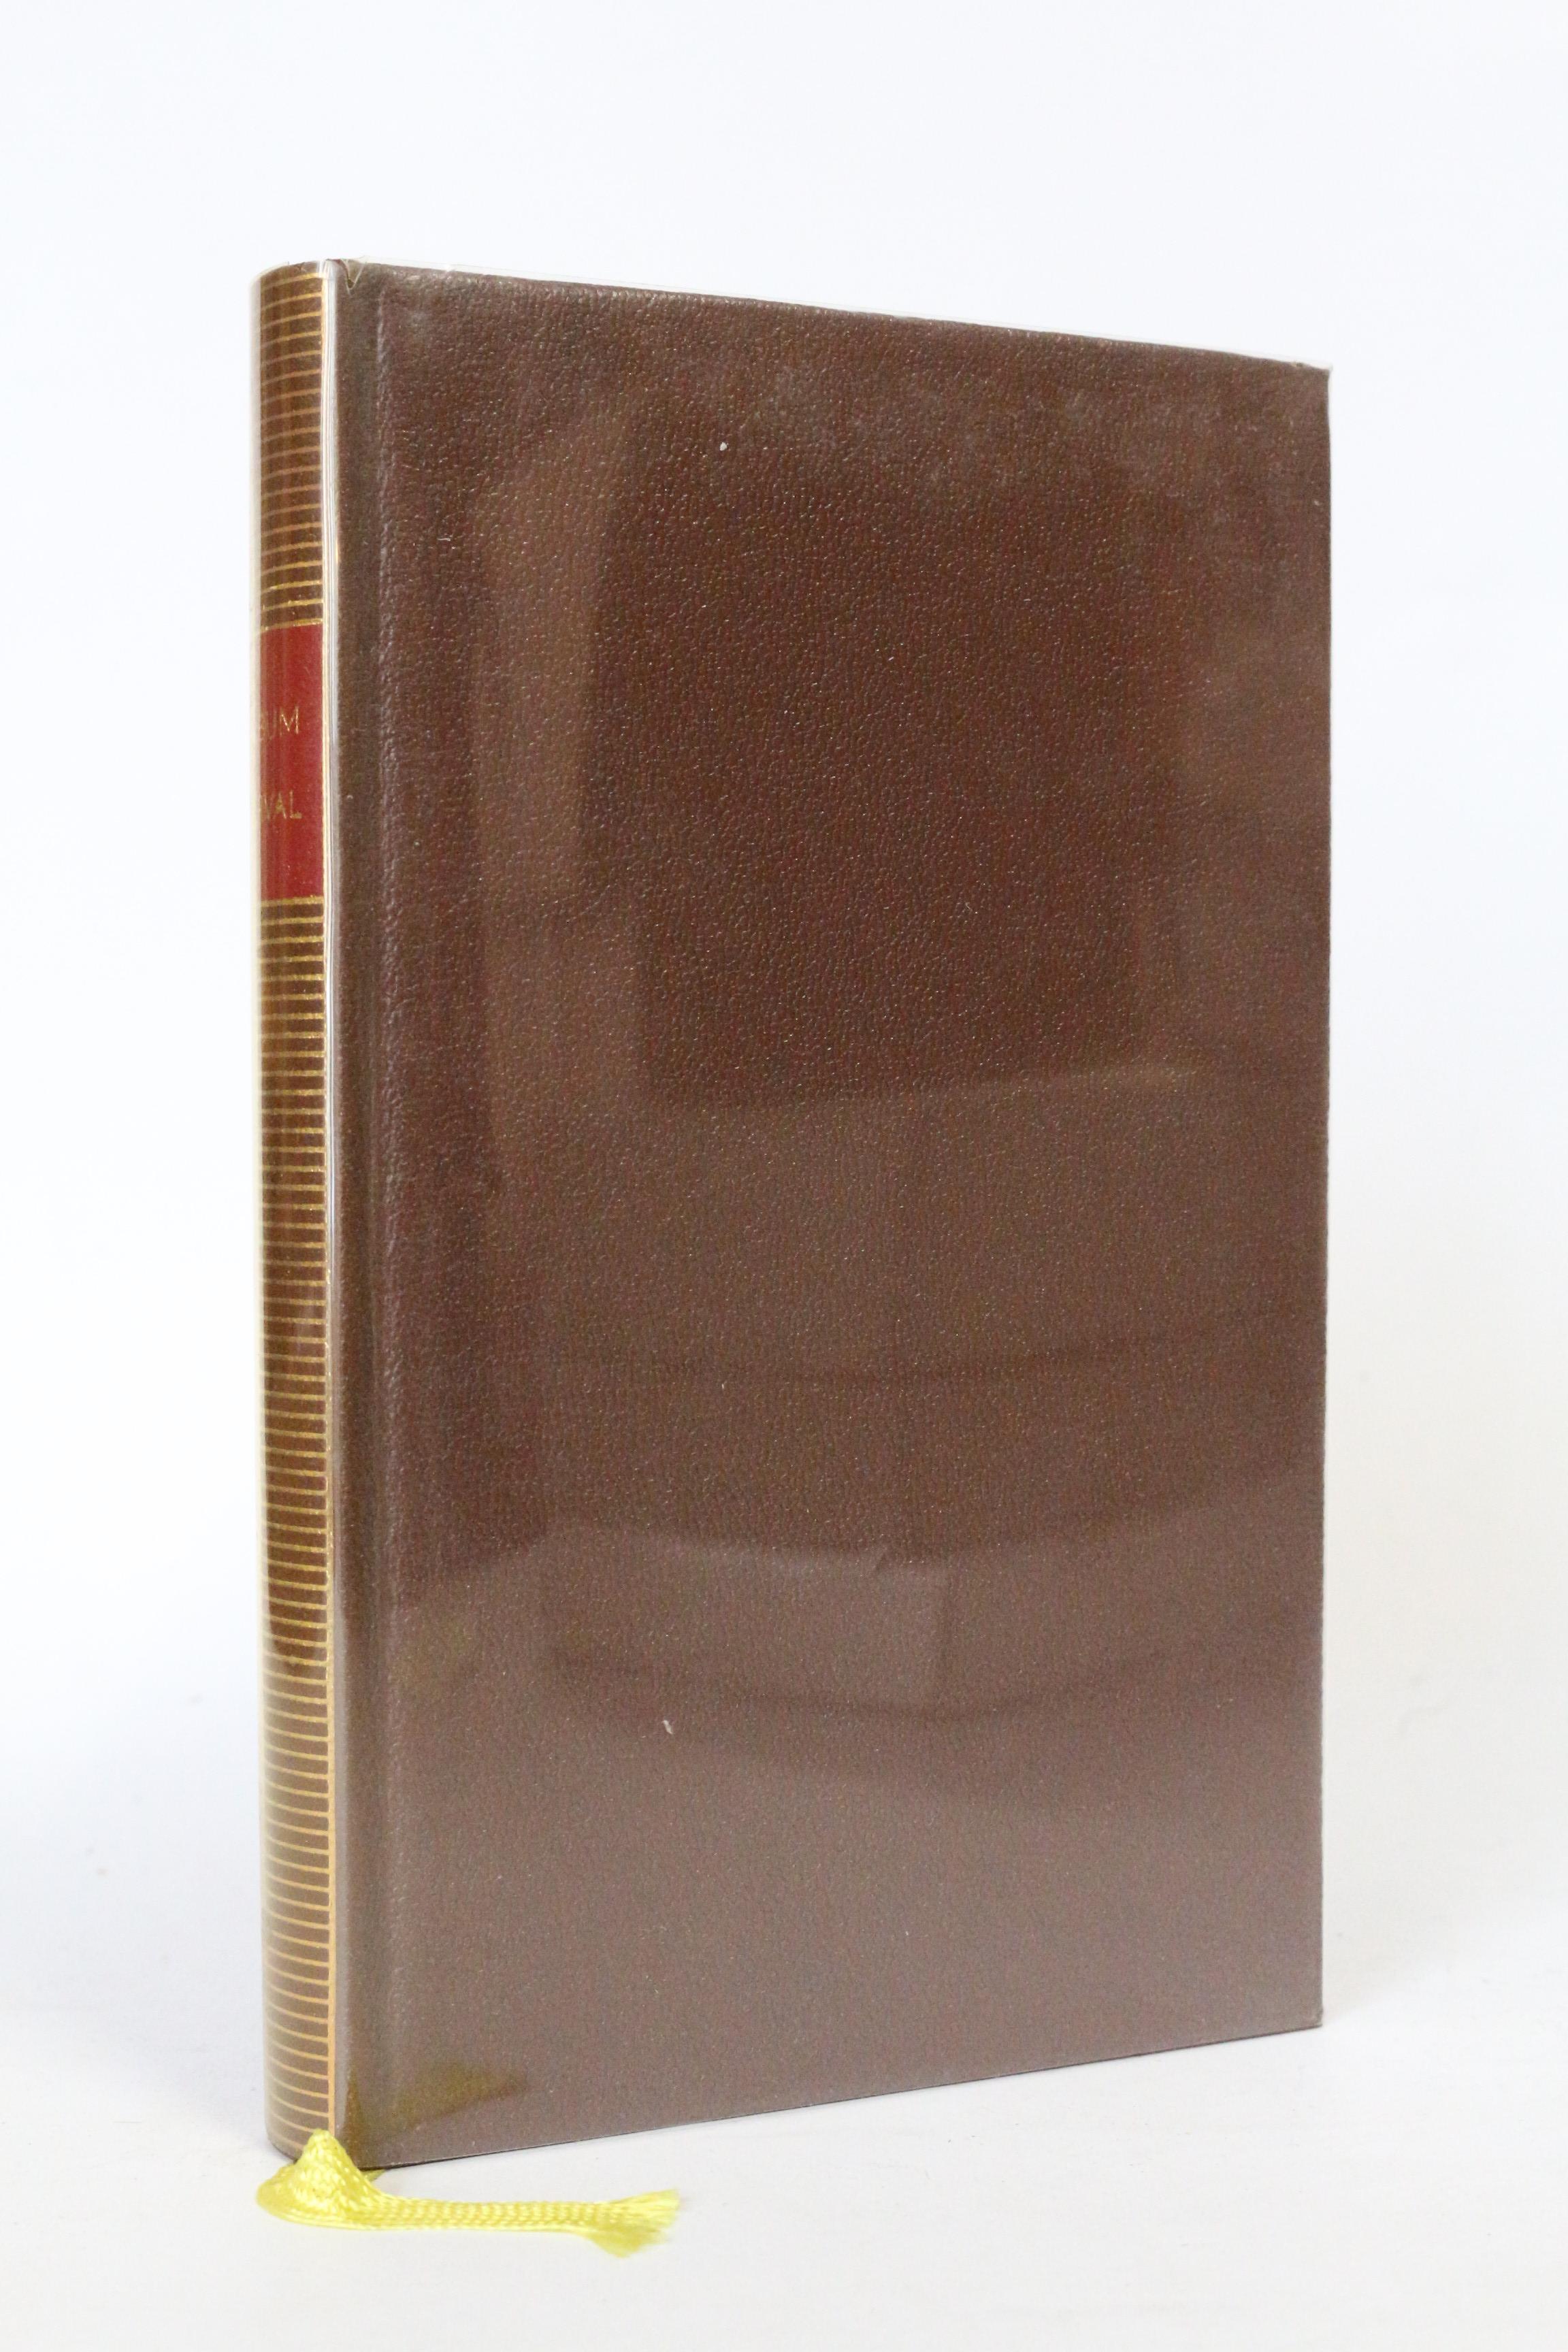 Album Nerval NERVAL Gérard de & COLLECTIF [ ] [Hardcover] (bi_30641133101) photo